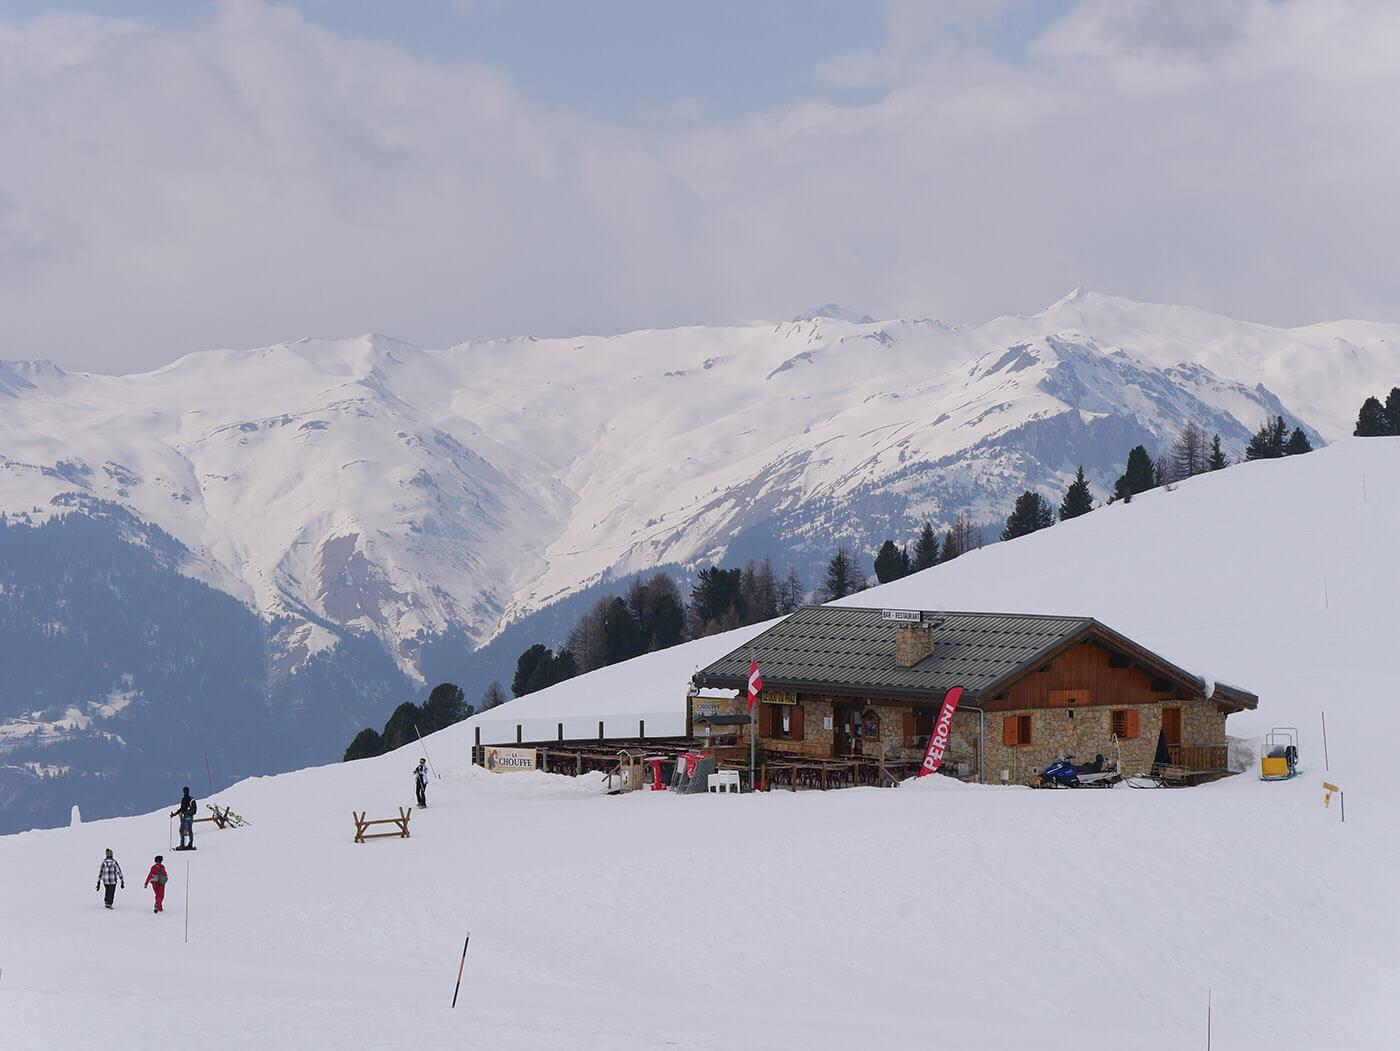 Photo de restaurant d'altitude dans un paysage enneigé prise avec le Lumix G7 + GX Vario 14-140 mm